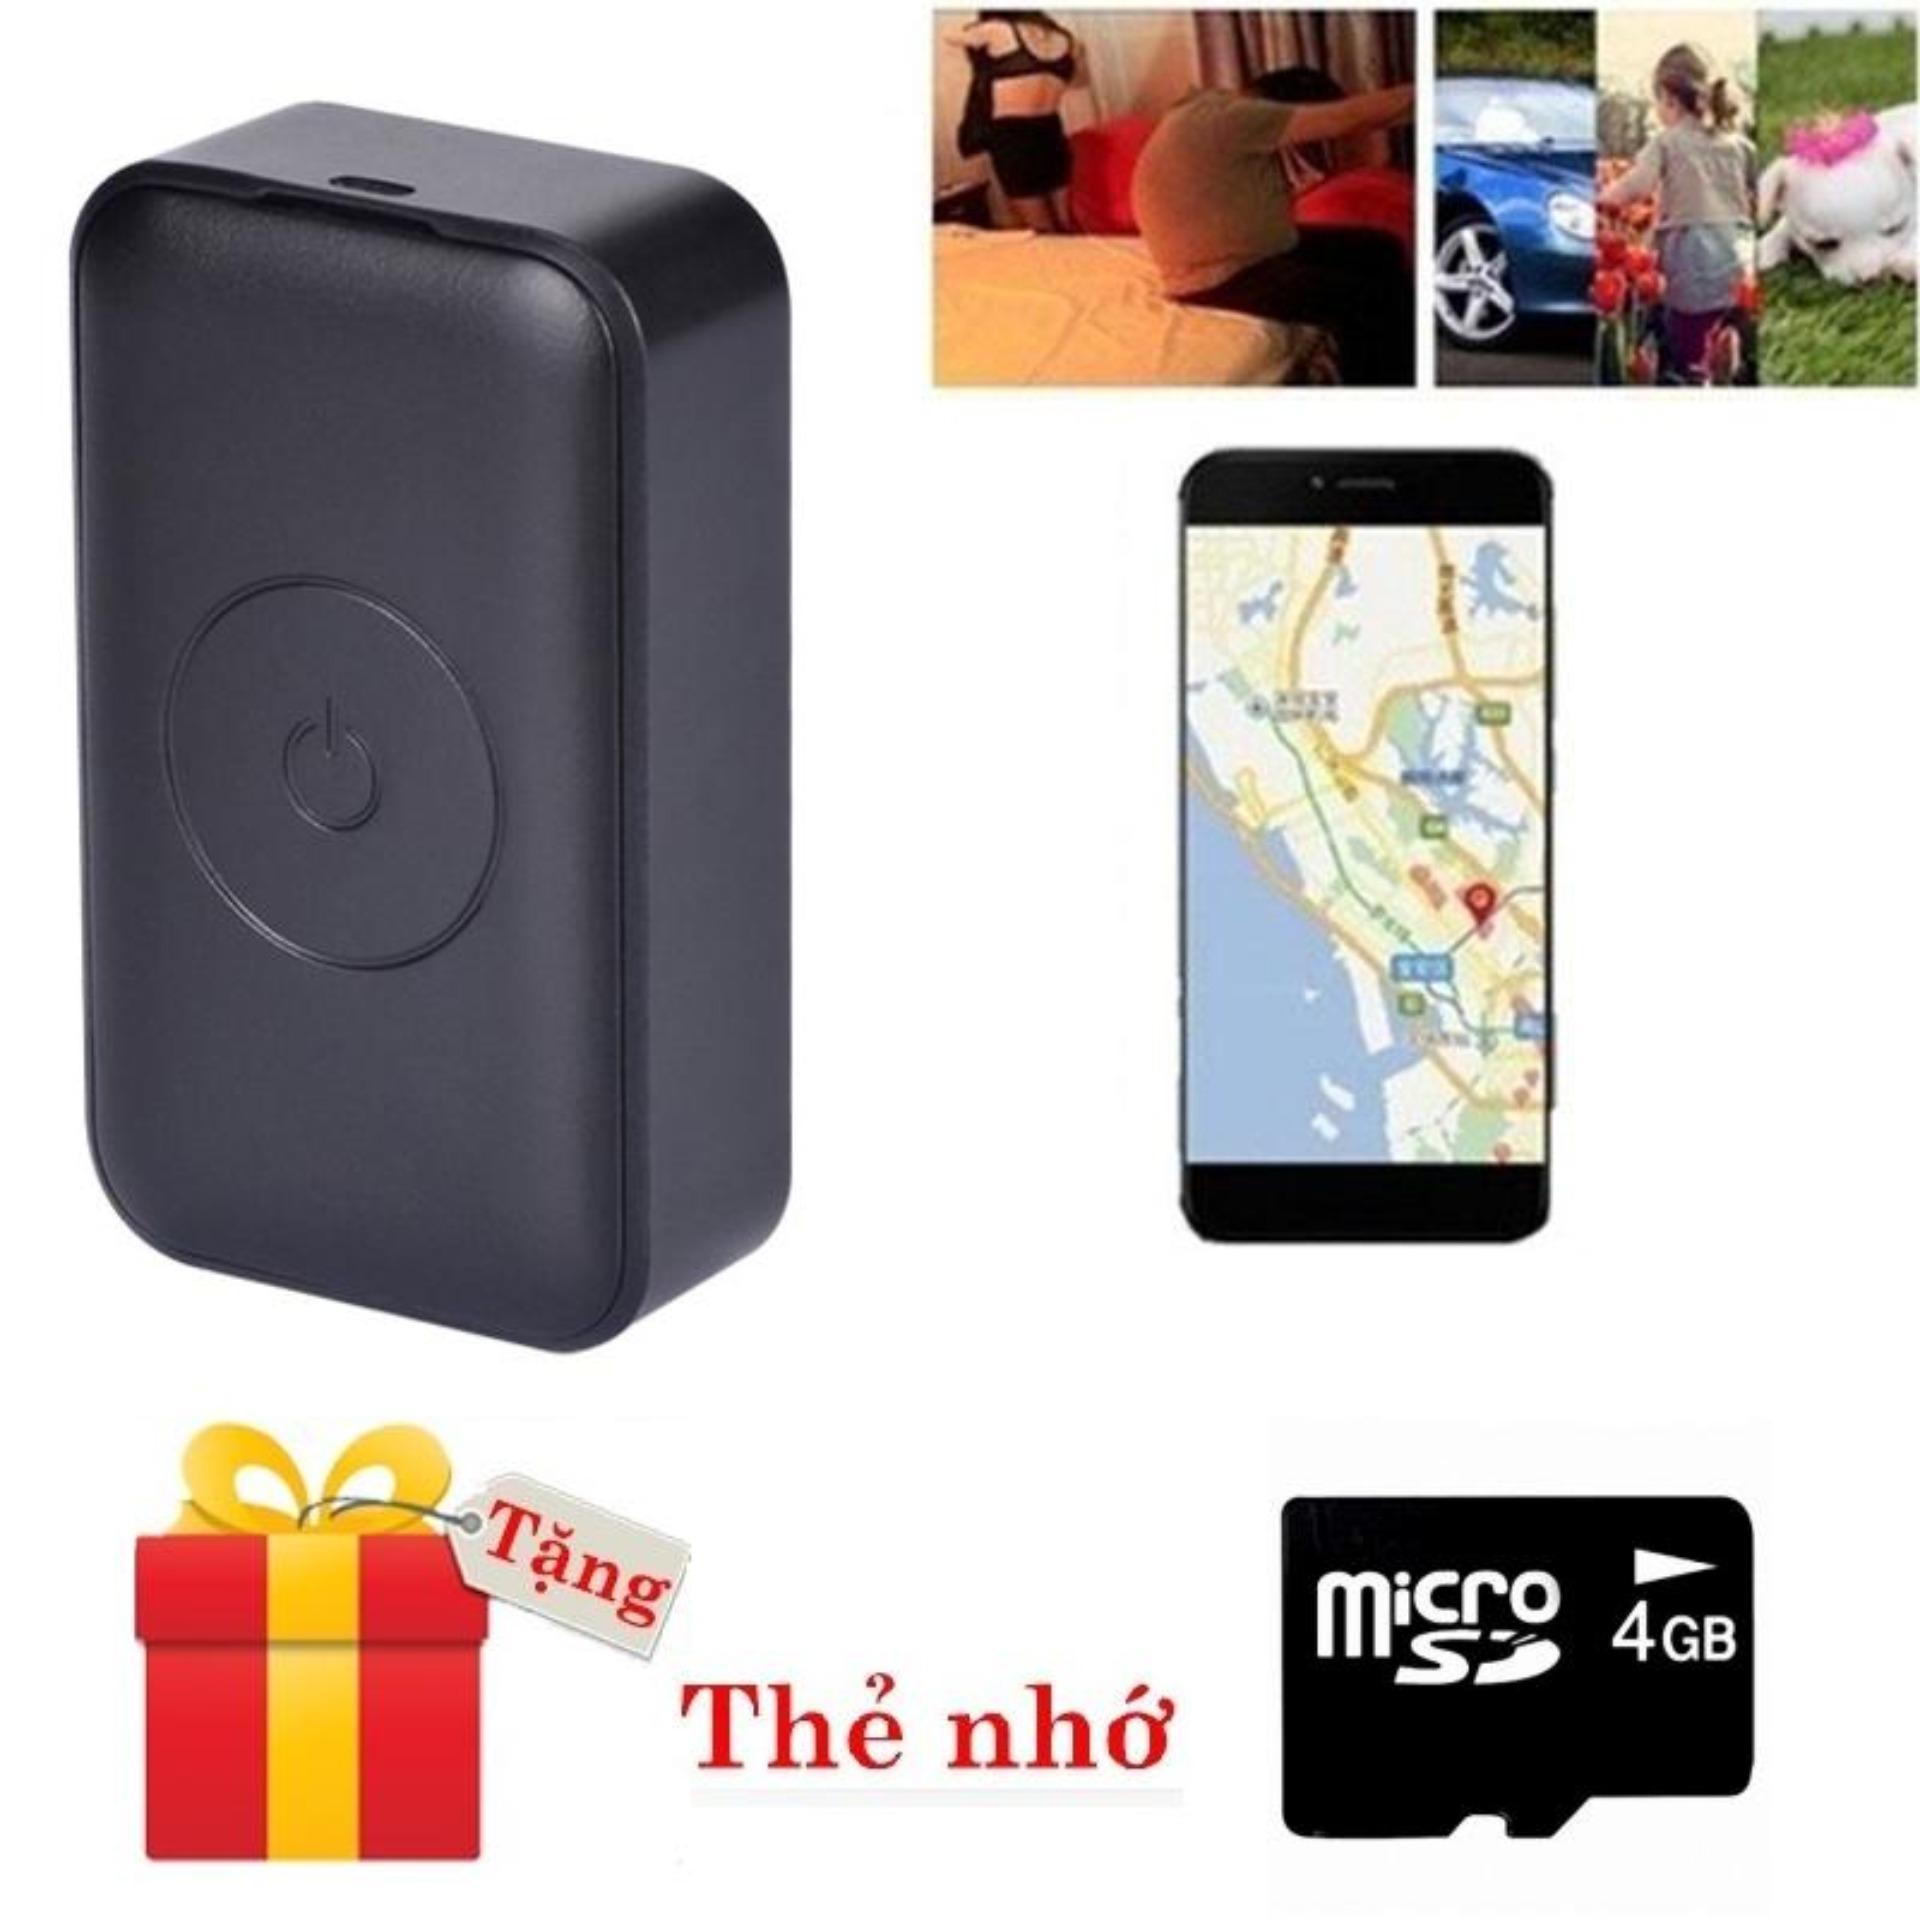 Tặng thẻ Micro 4GB-Thiết bị định vị GPS cao cấp N16S-A1 pin khủng ghi âm và xem trực tiếp vị trí, xem lại lịch sử di chuyển qua app hành trình